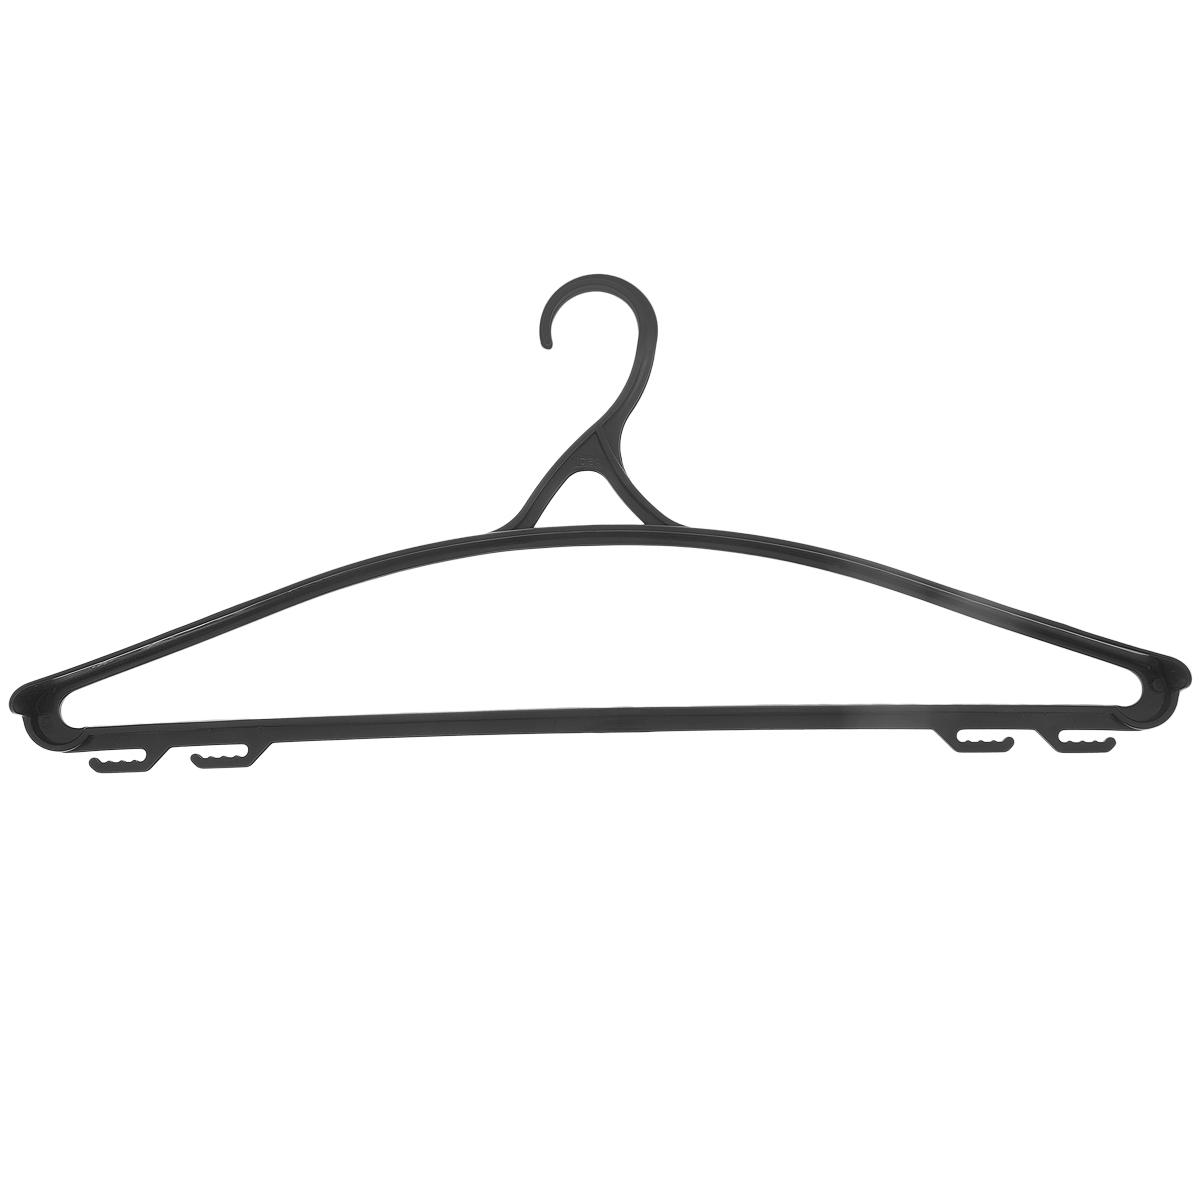 Вешалка для одежды М-пластика, цвет: черный, размер 50-52М 2210Универсальная вешалка для одежды М-пластика выполнена из легкого пластика.Изделие оснащено перекладиной и четырьмя крючками.Вешалка - это незаменимая вещь для того, чтобы ваша одежда всегда оставалась в хорошем состоянии.Размер одежды: 50-52.